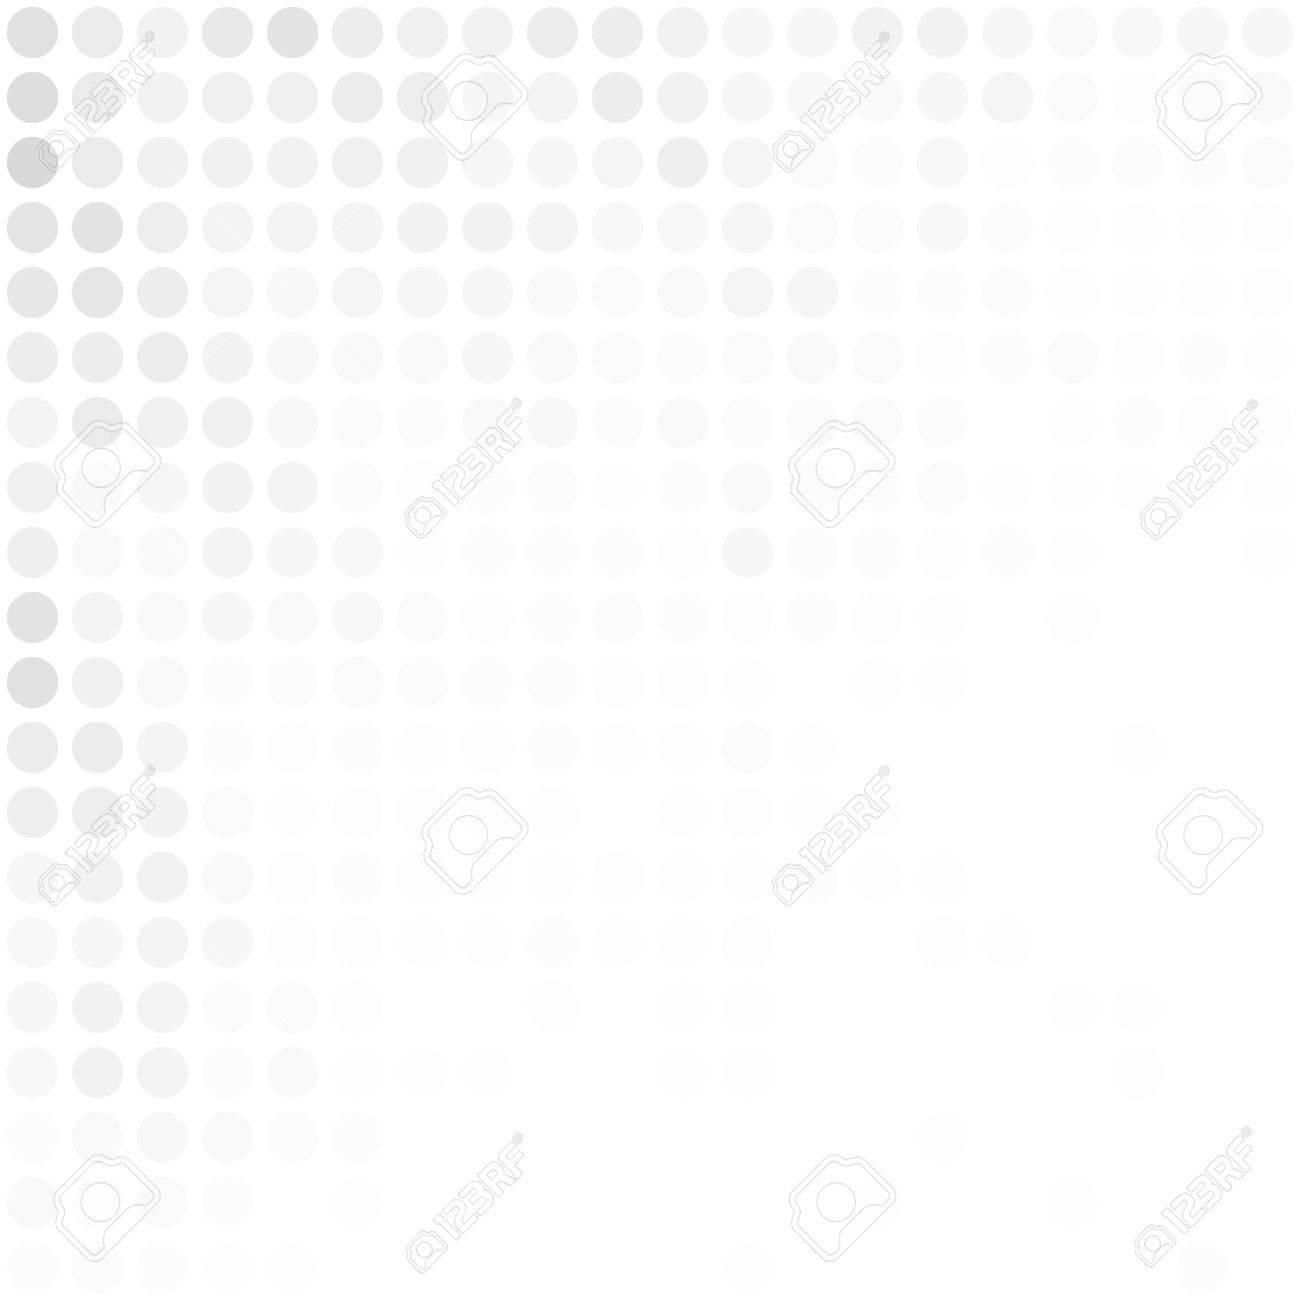 Grau Weiß Zufalls Dots Hintergrund, Kreatives Design Vorlagen ...